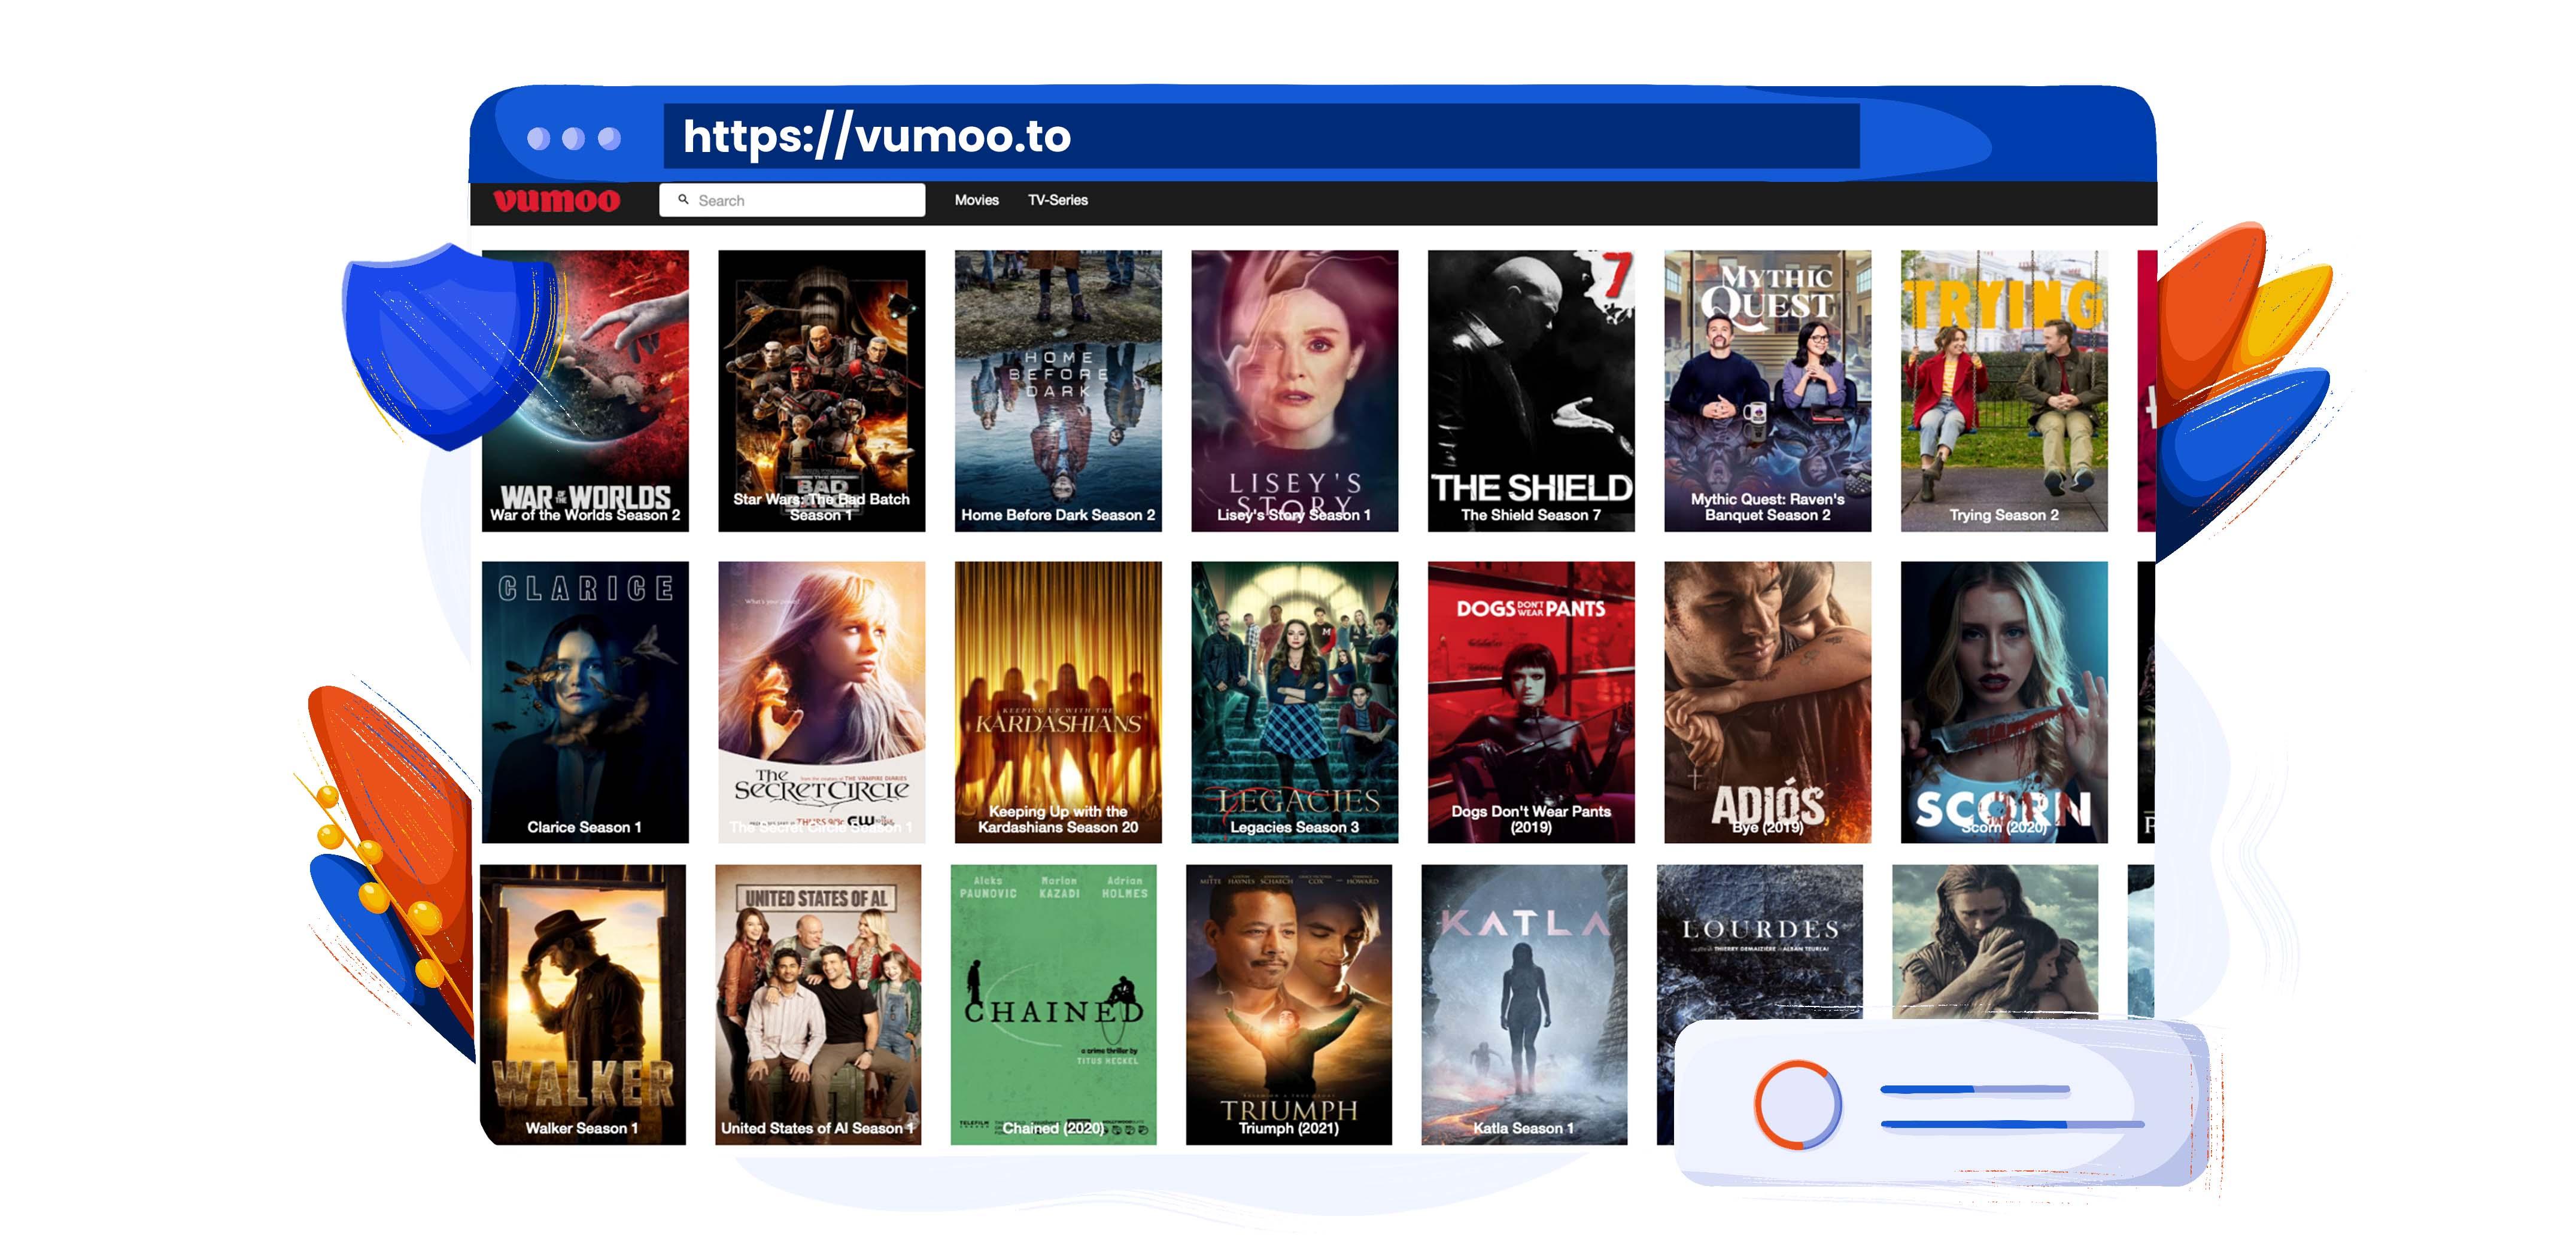 Nutzen Sie Vumoo als Putlocker-Alternative zum Streamen von Filmen und TV-Sendungen